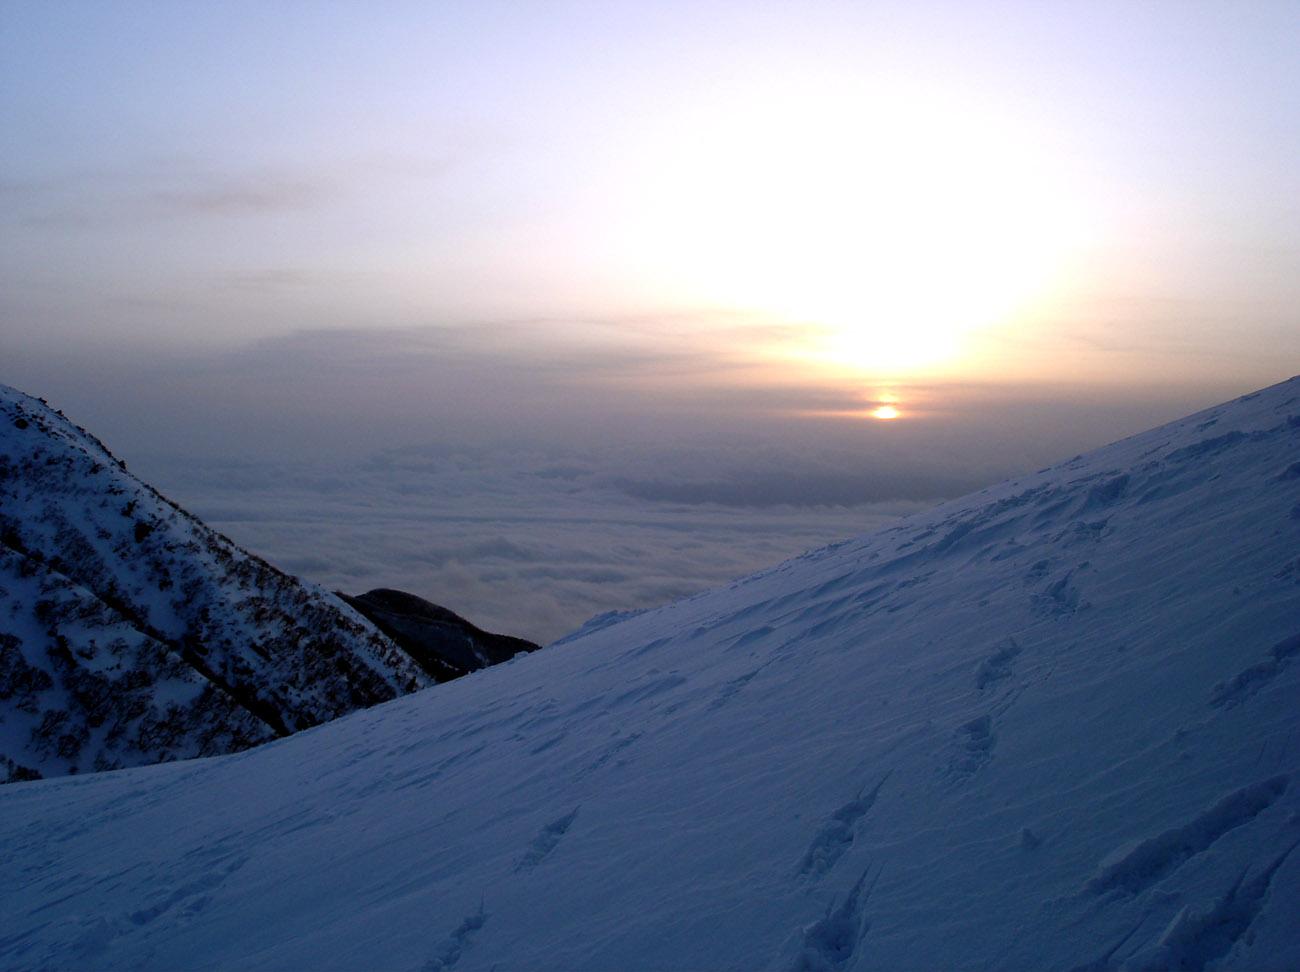 2月13日 早朝観察② 日の出